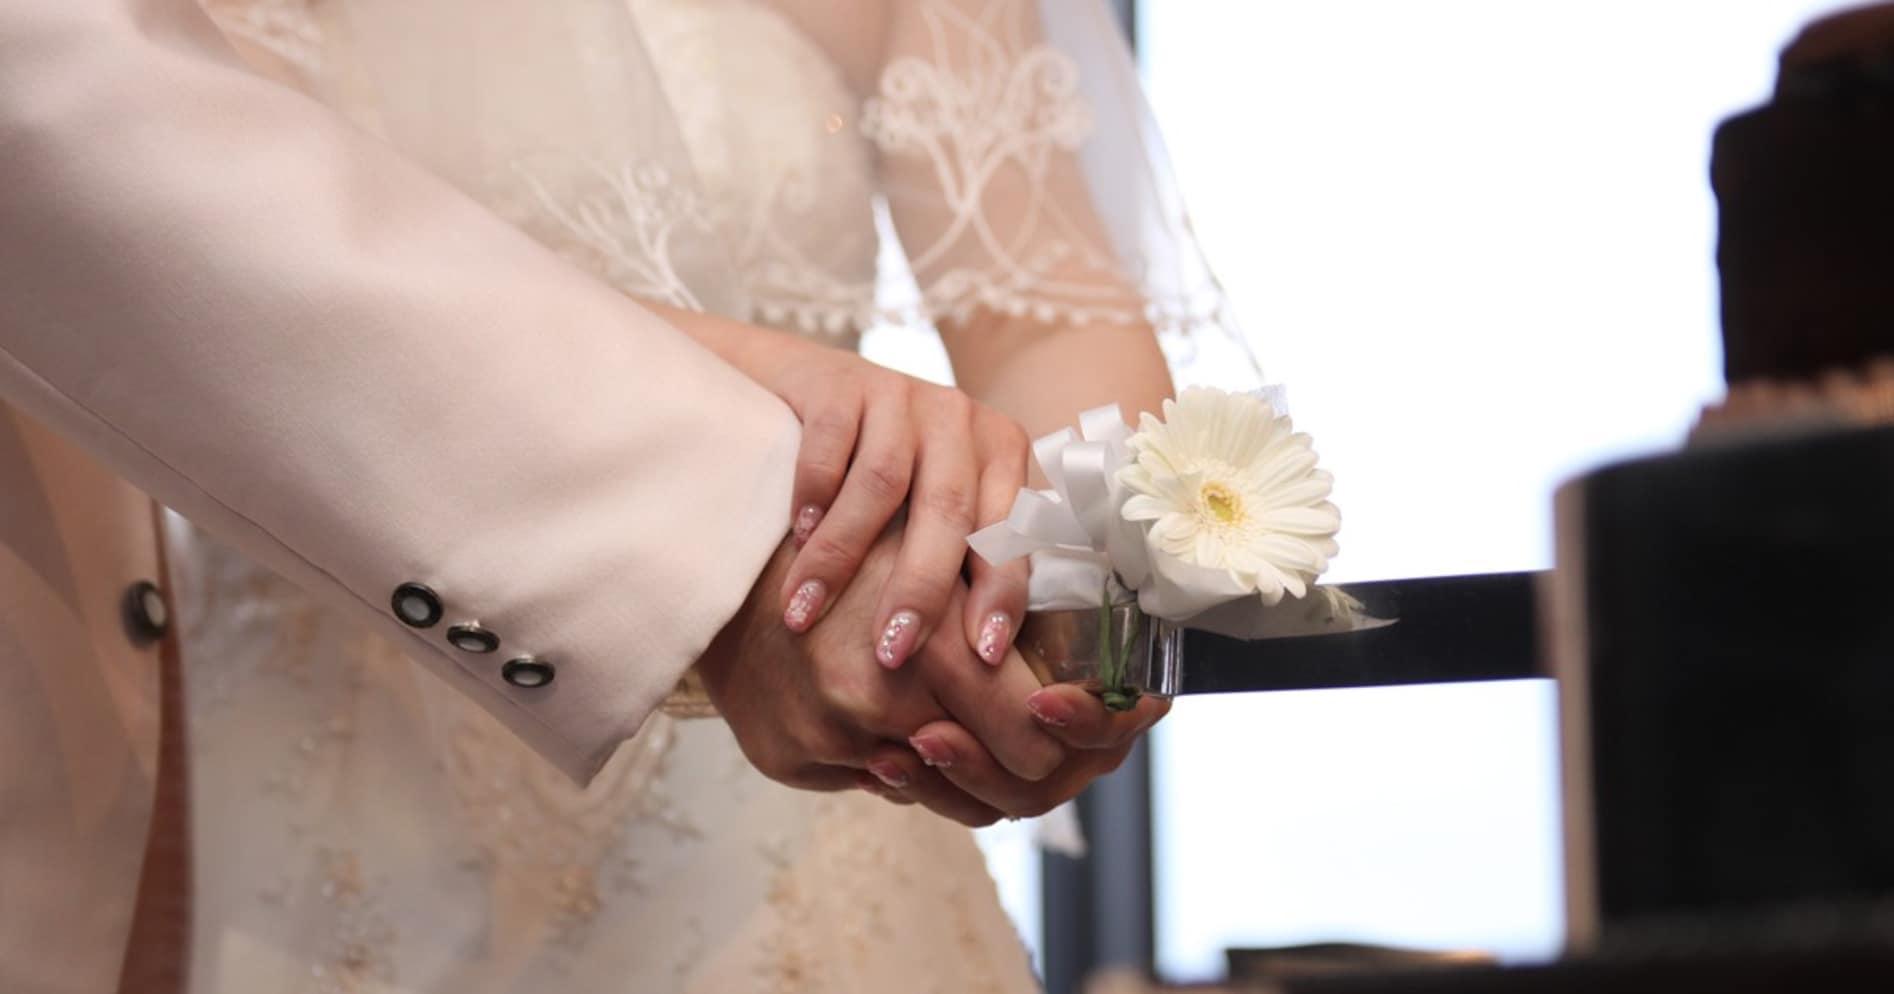 がっかりなケーキカット、どん引きのサプライズ…これだけは避けたい、残念な結婚式